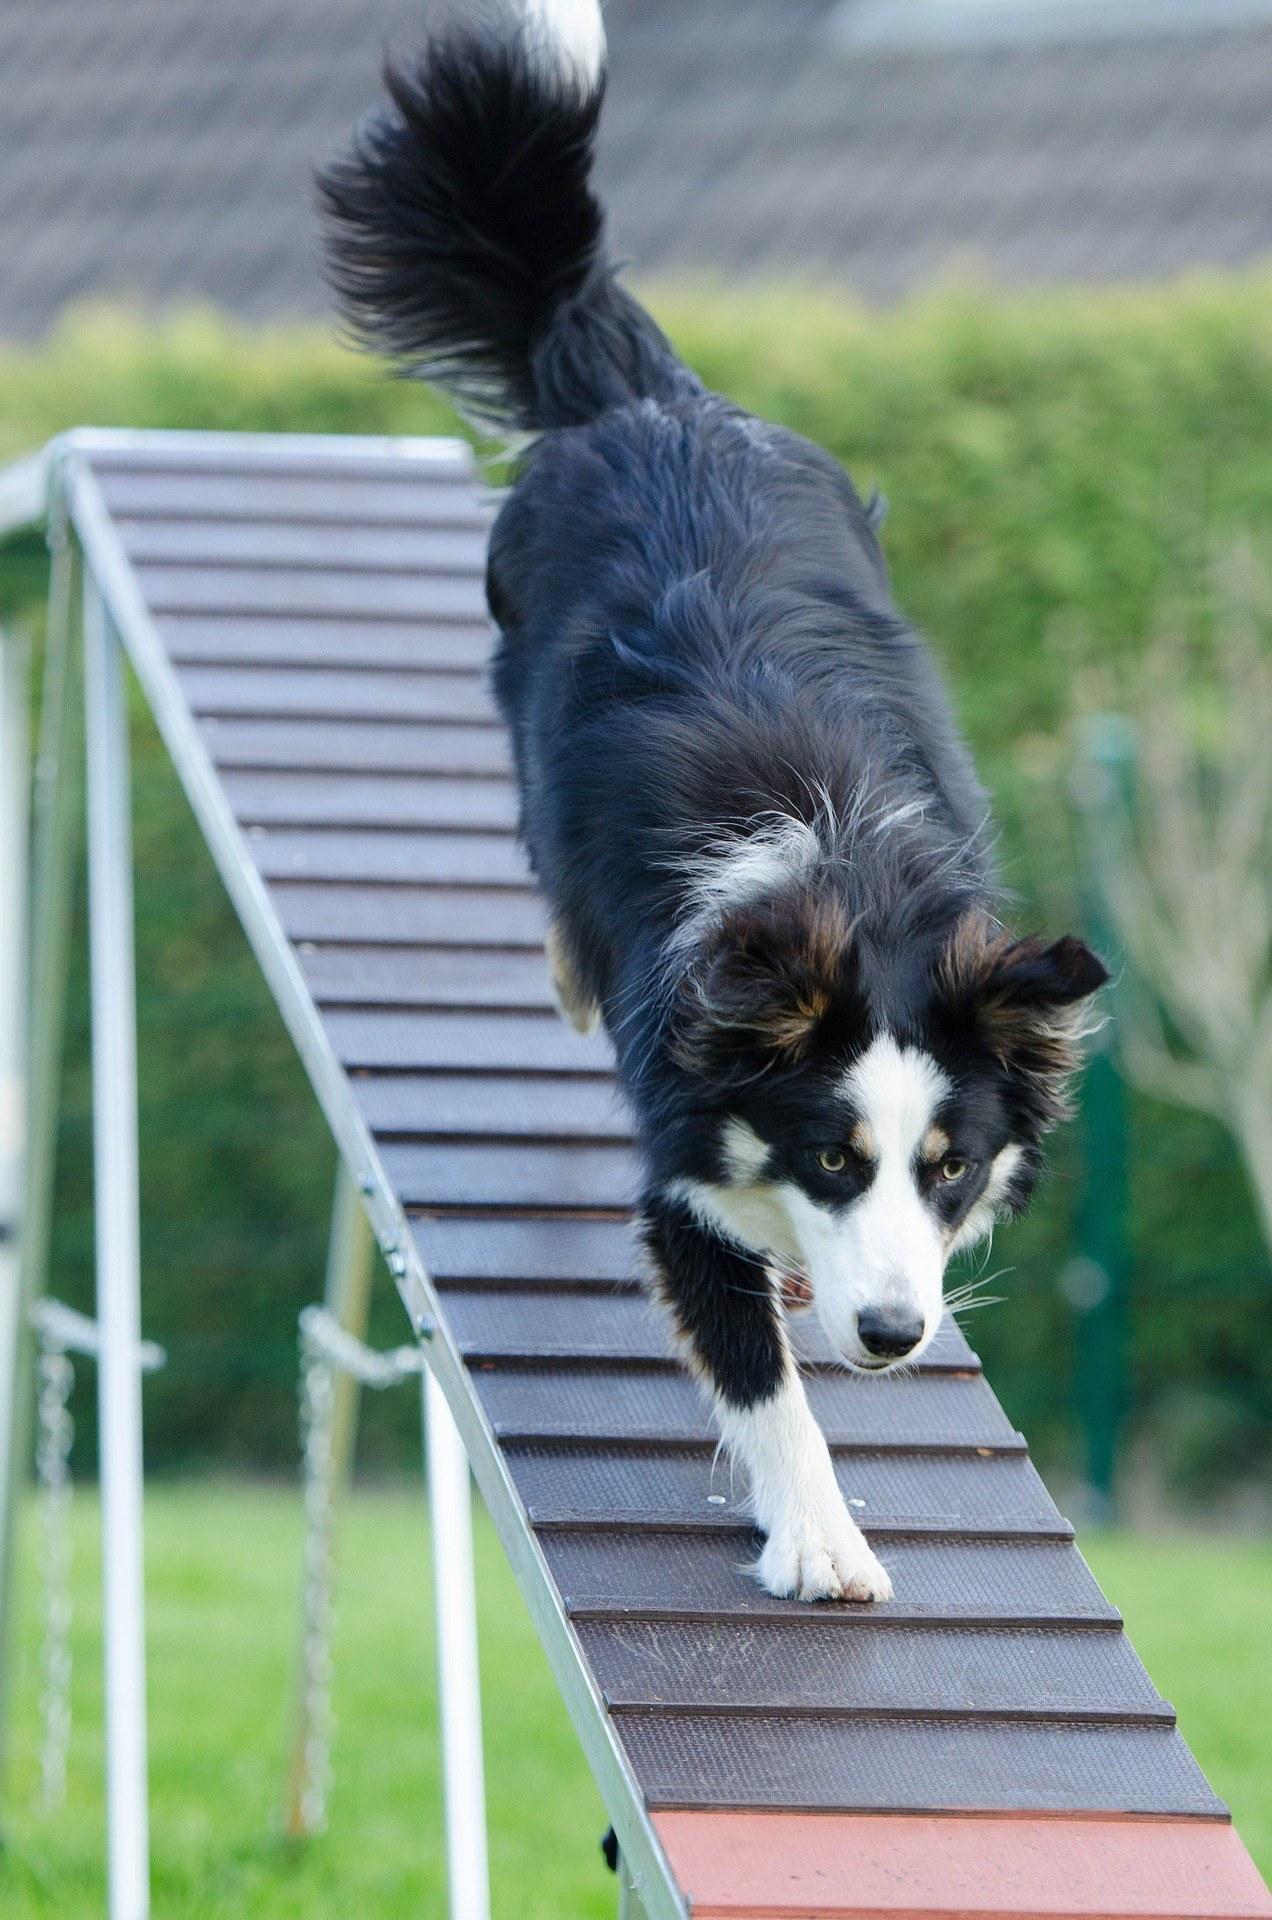 agility adiestramiento perros rampa